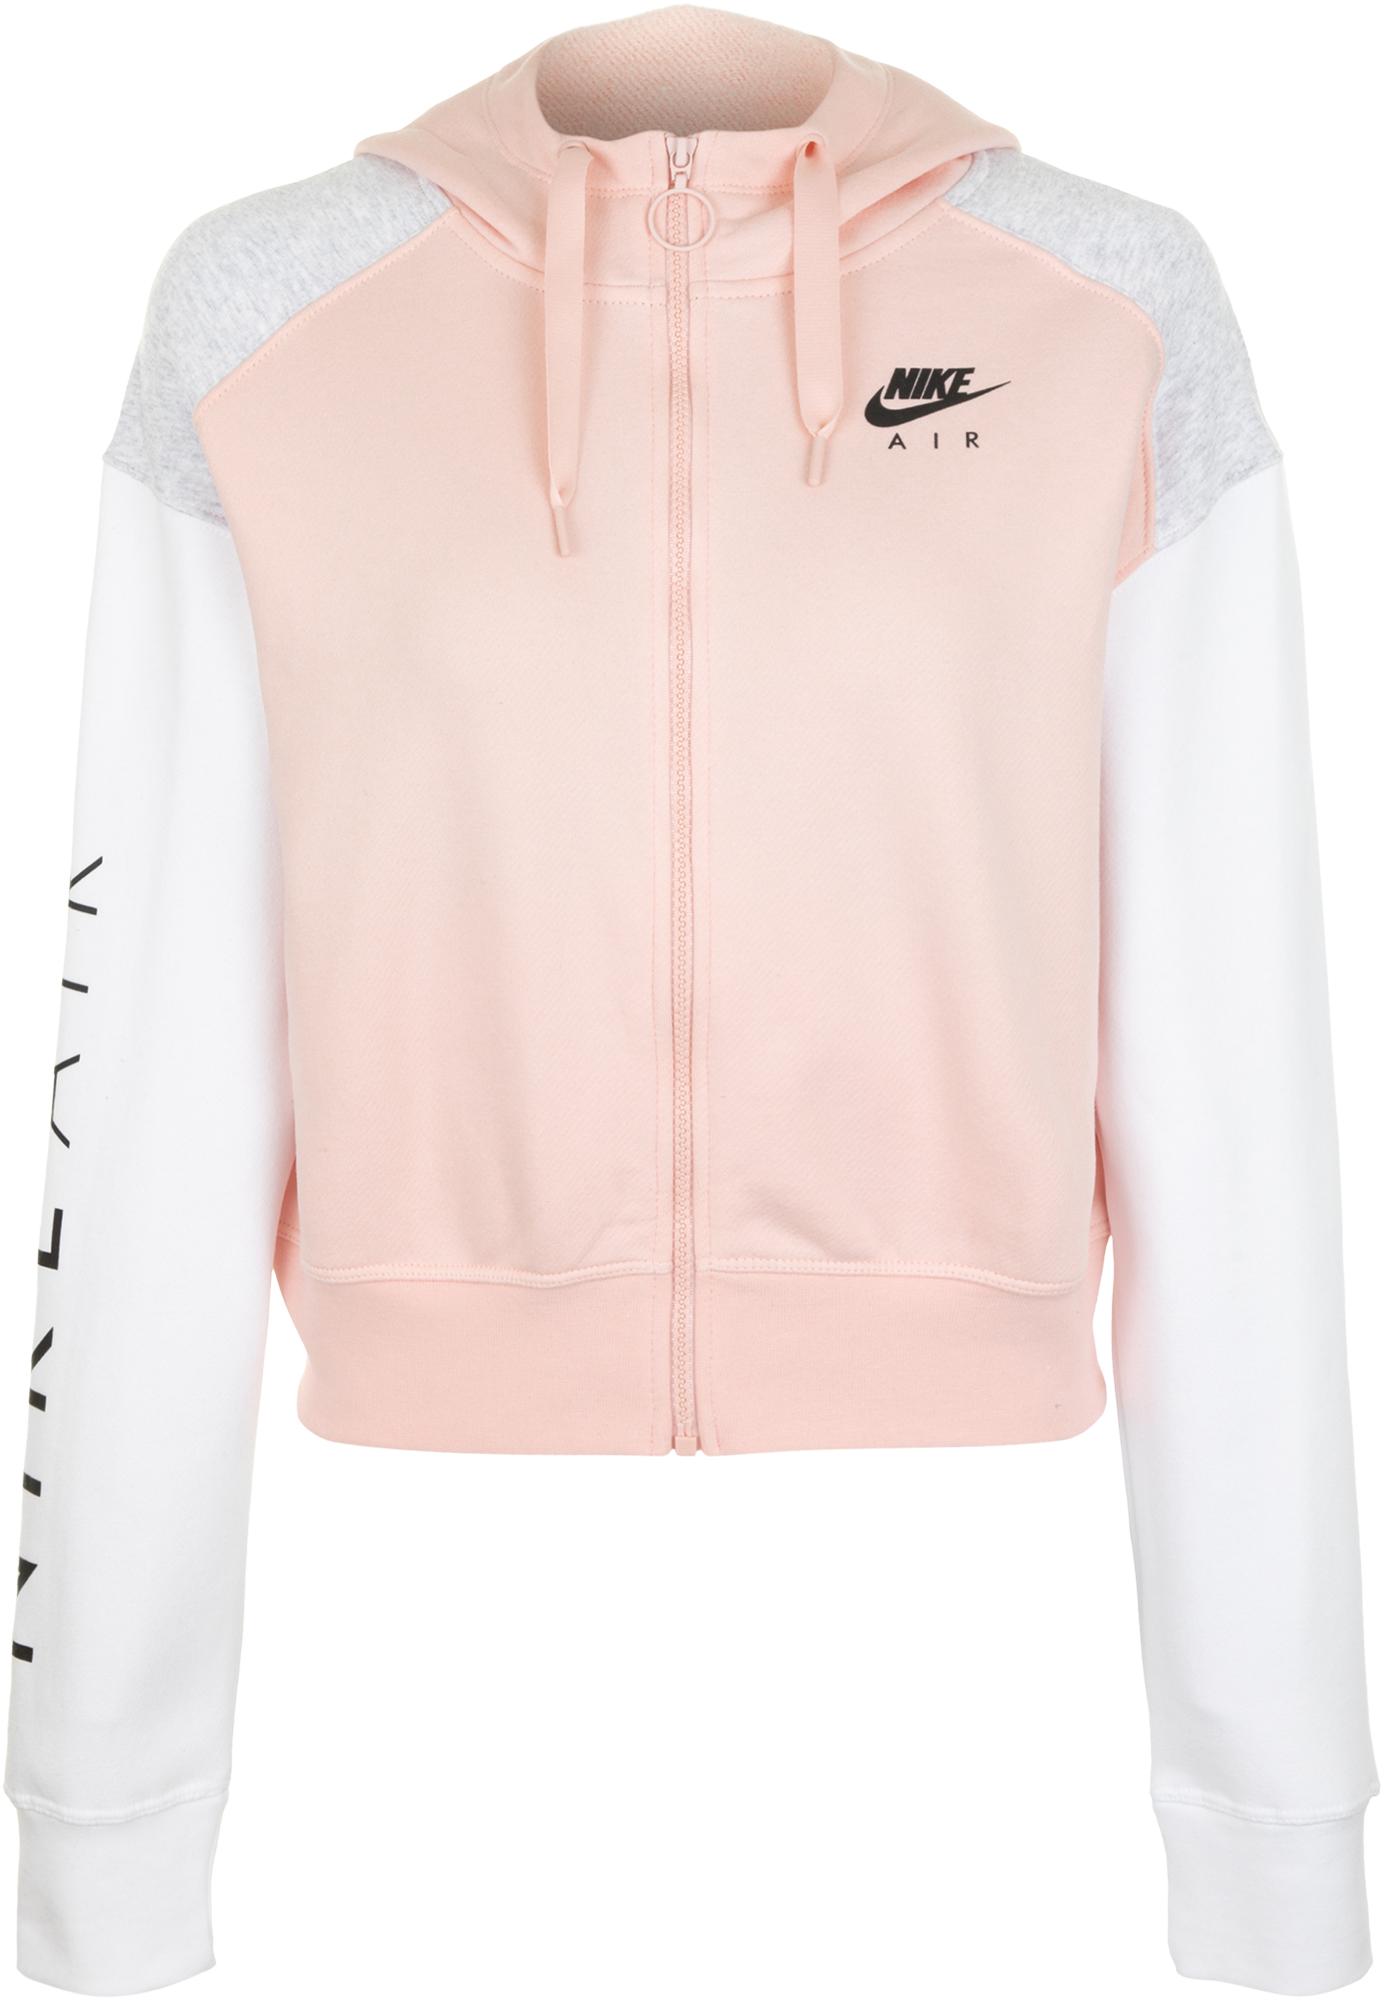 Nike Толстовка женская Nike Air, размер 48-50 nike майка женская nike air размер 46 48